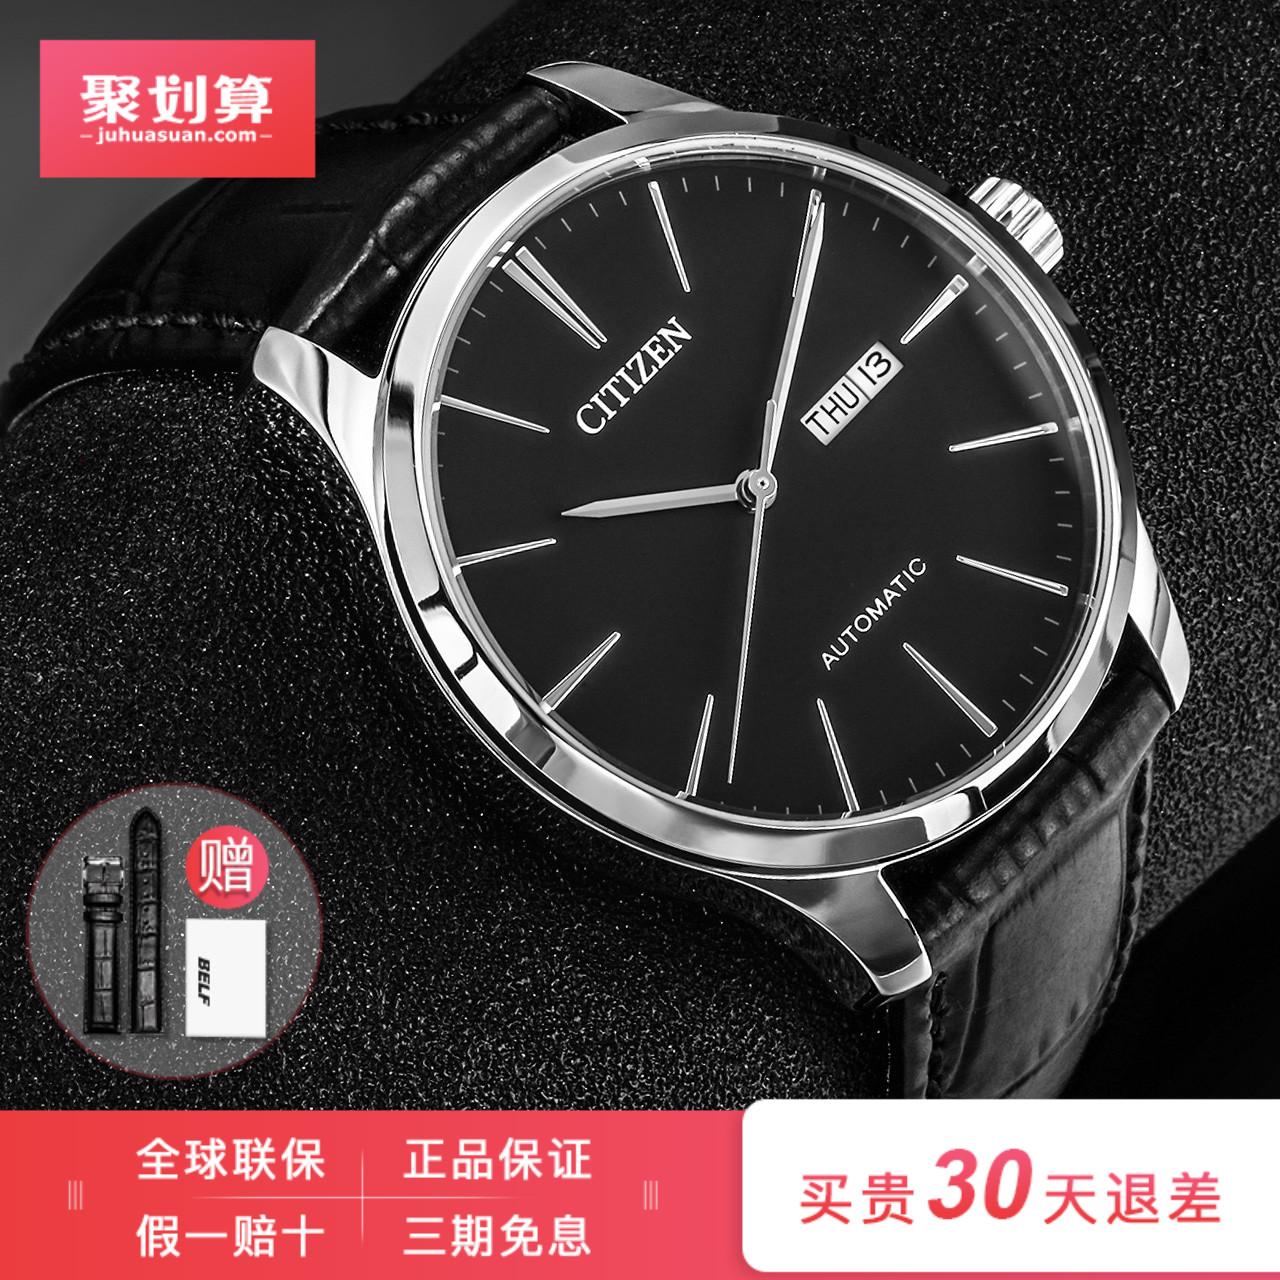 原装进口西铁城时尚休闲防水针扣皮带自动机械黑色男士手表NH8350